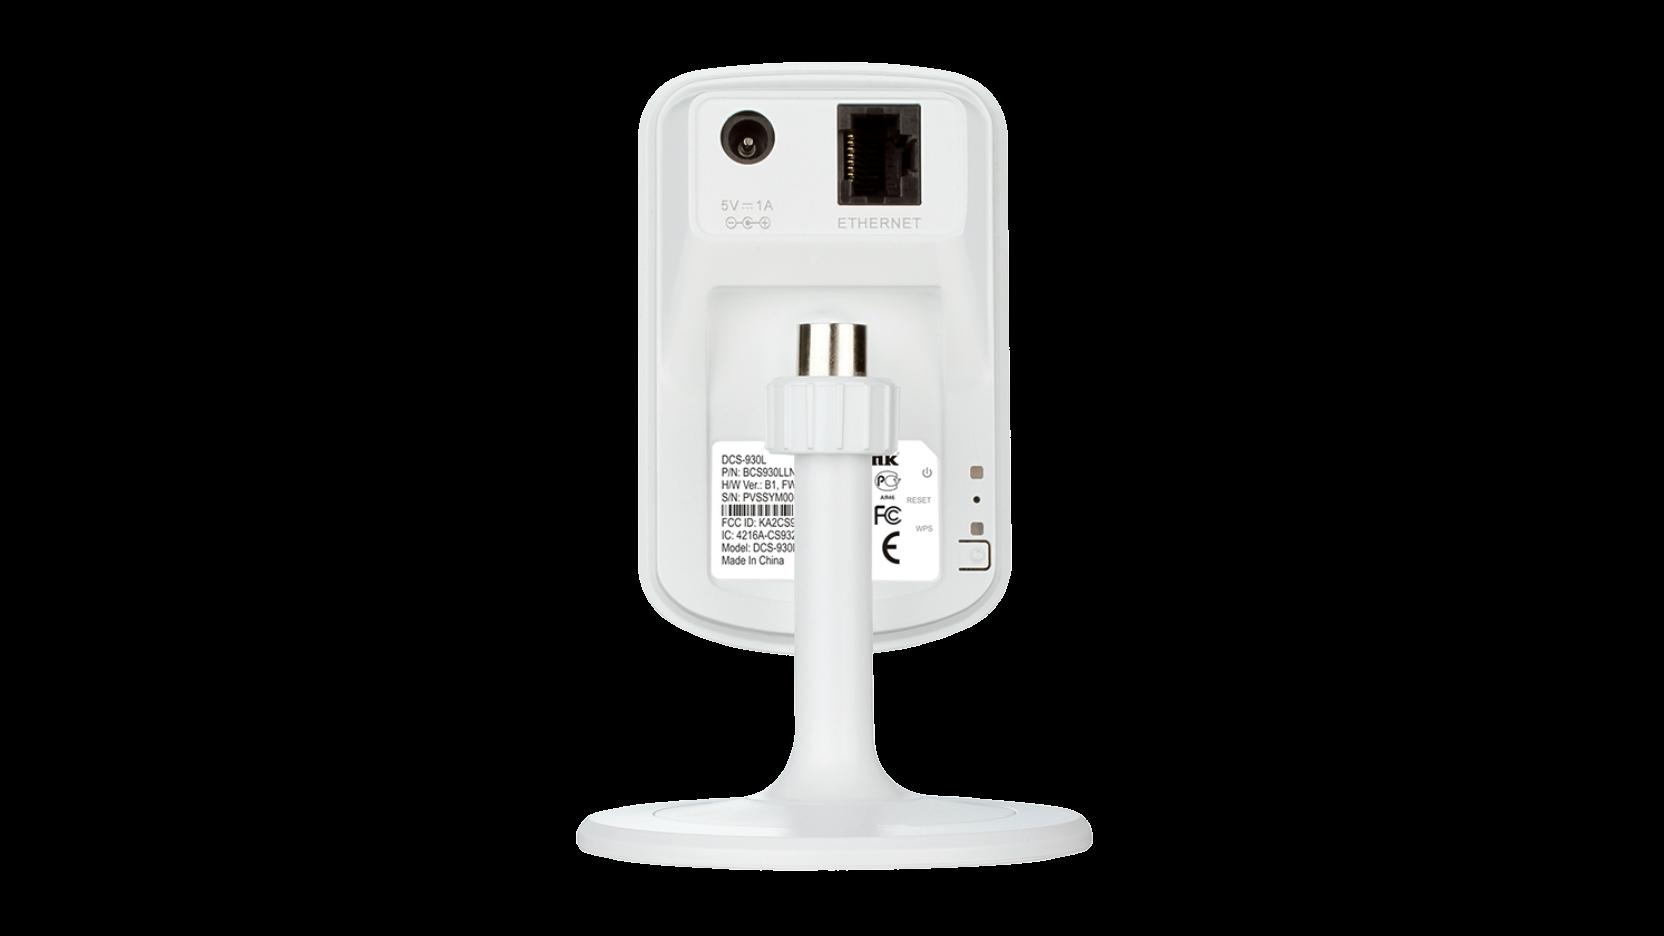 dcs 930l wireless n network camera d link uk rh eu dlink com dcs-930l manual pdf dcs-930l setup